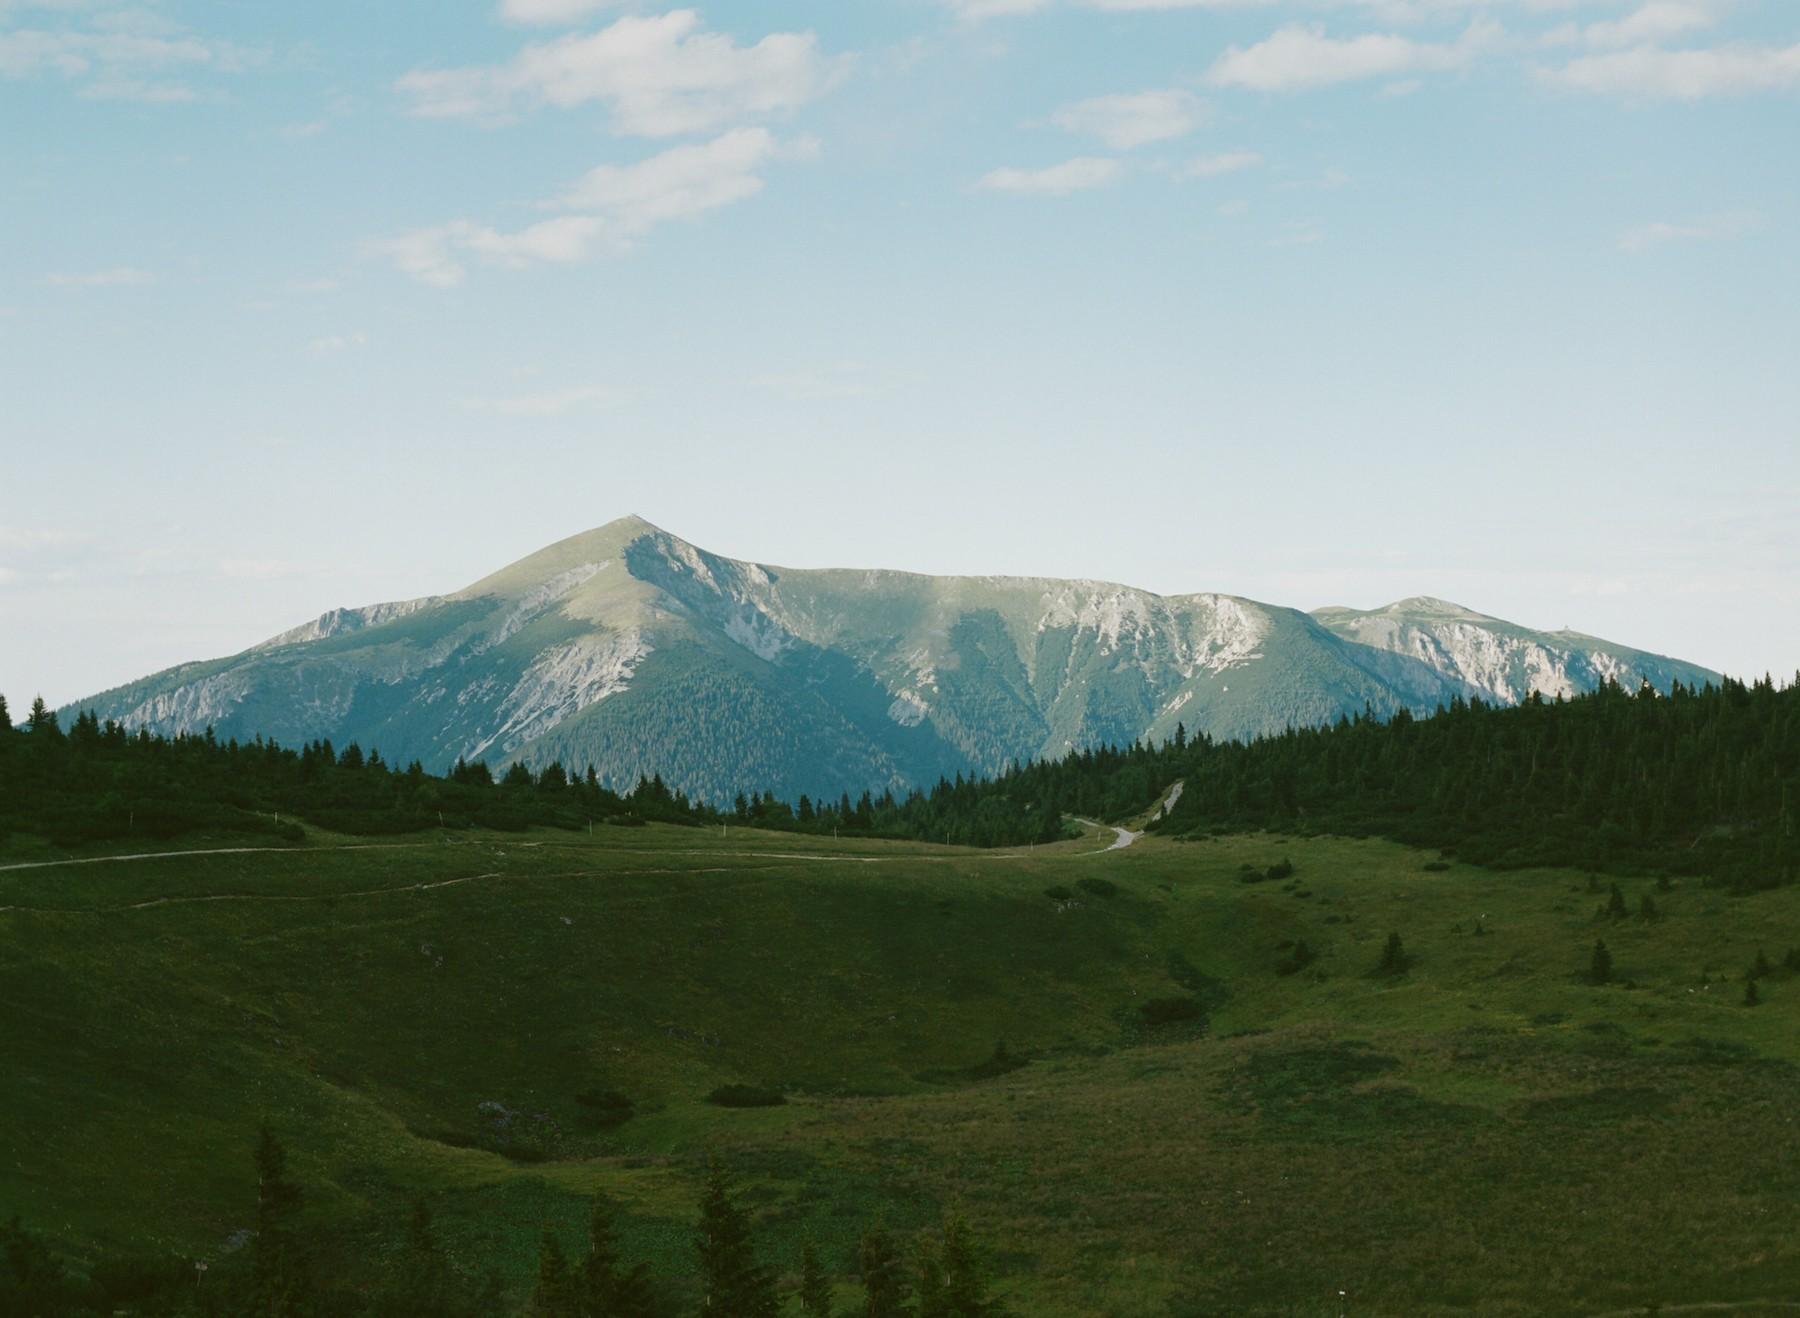 IGNANT-Travel-Best-Of-Road-Trips-Austria-Daniel-Gebhart-de-Koekkoek-02